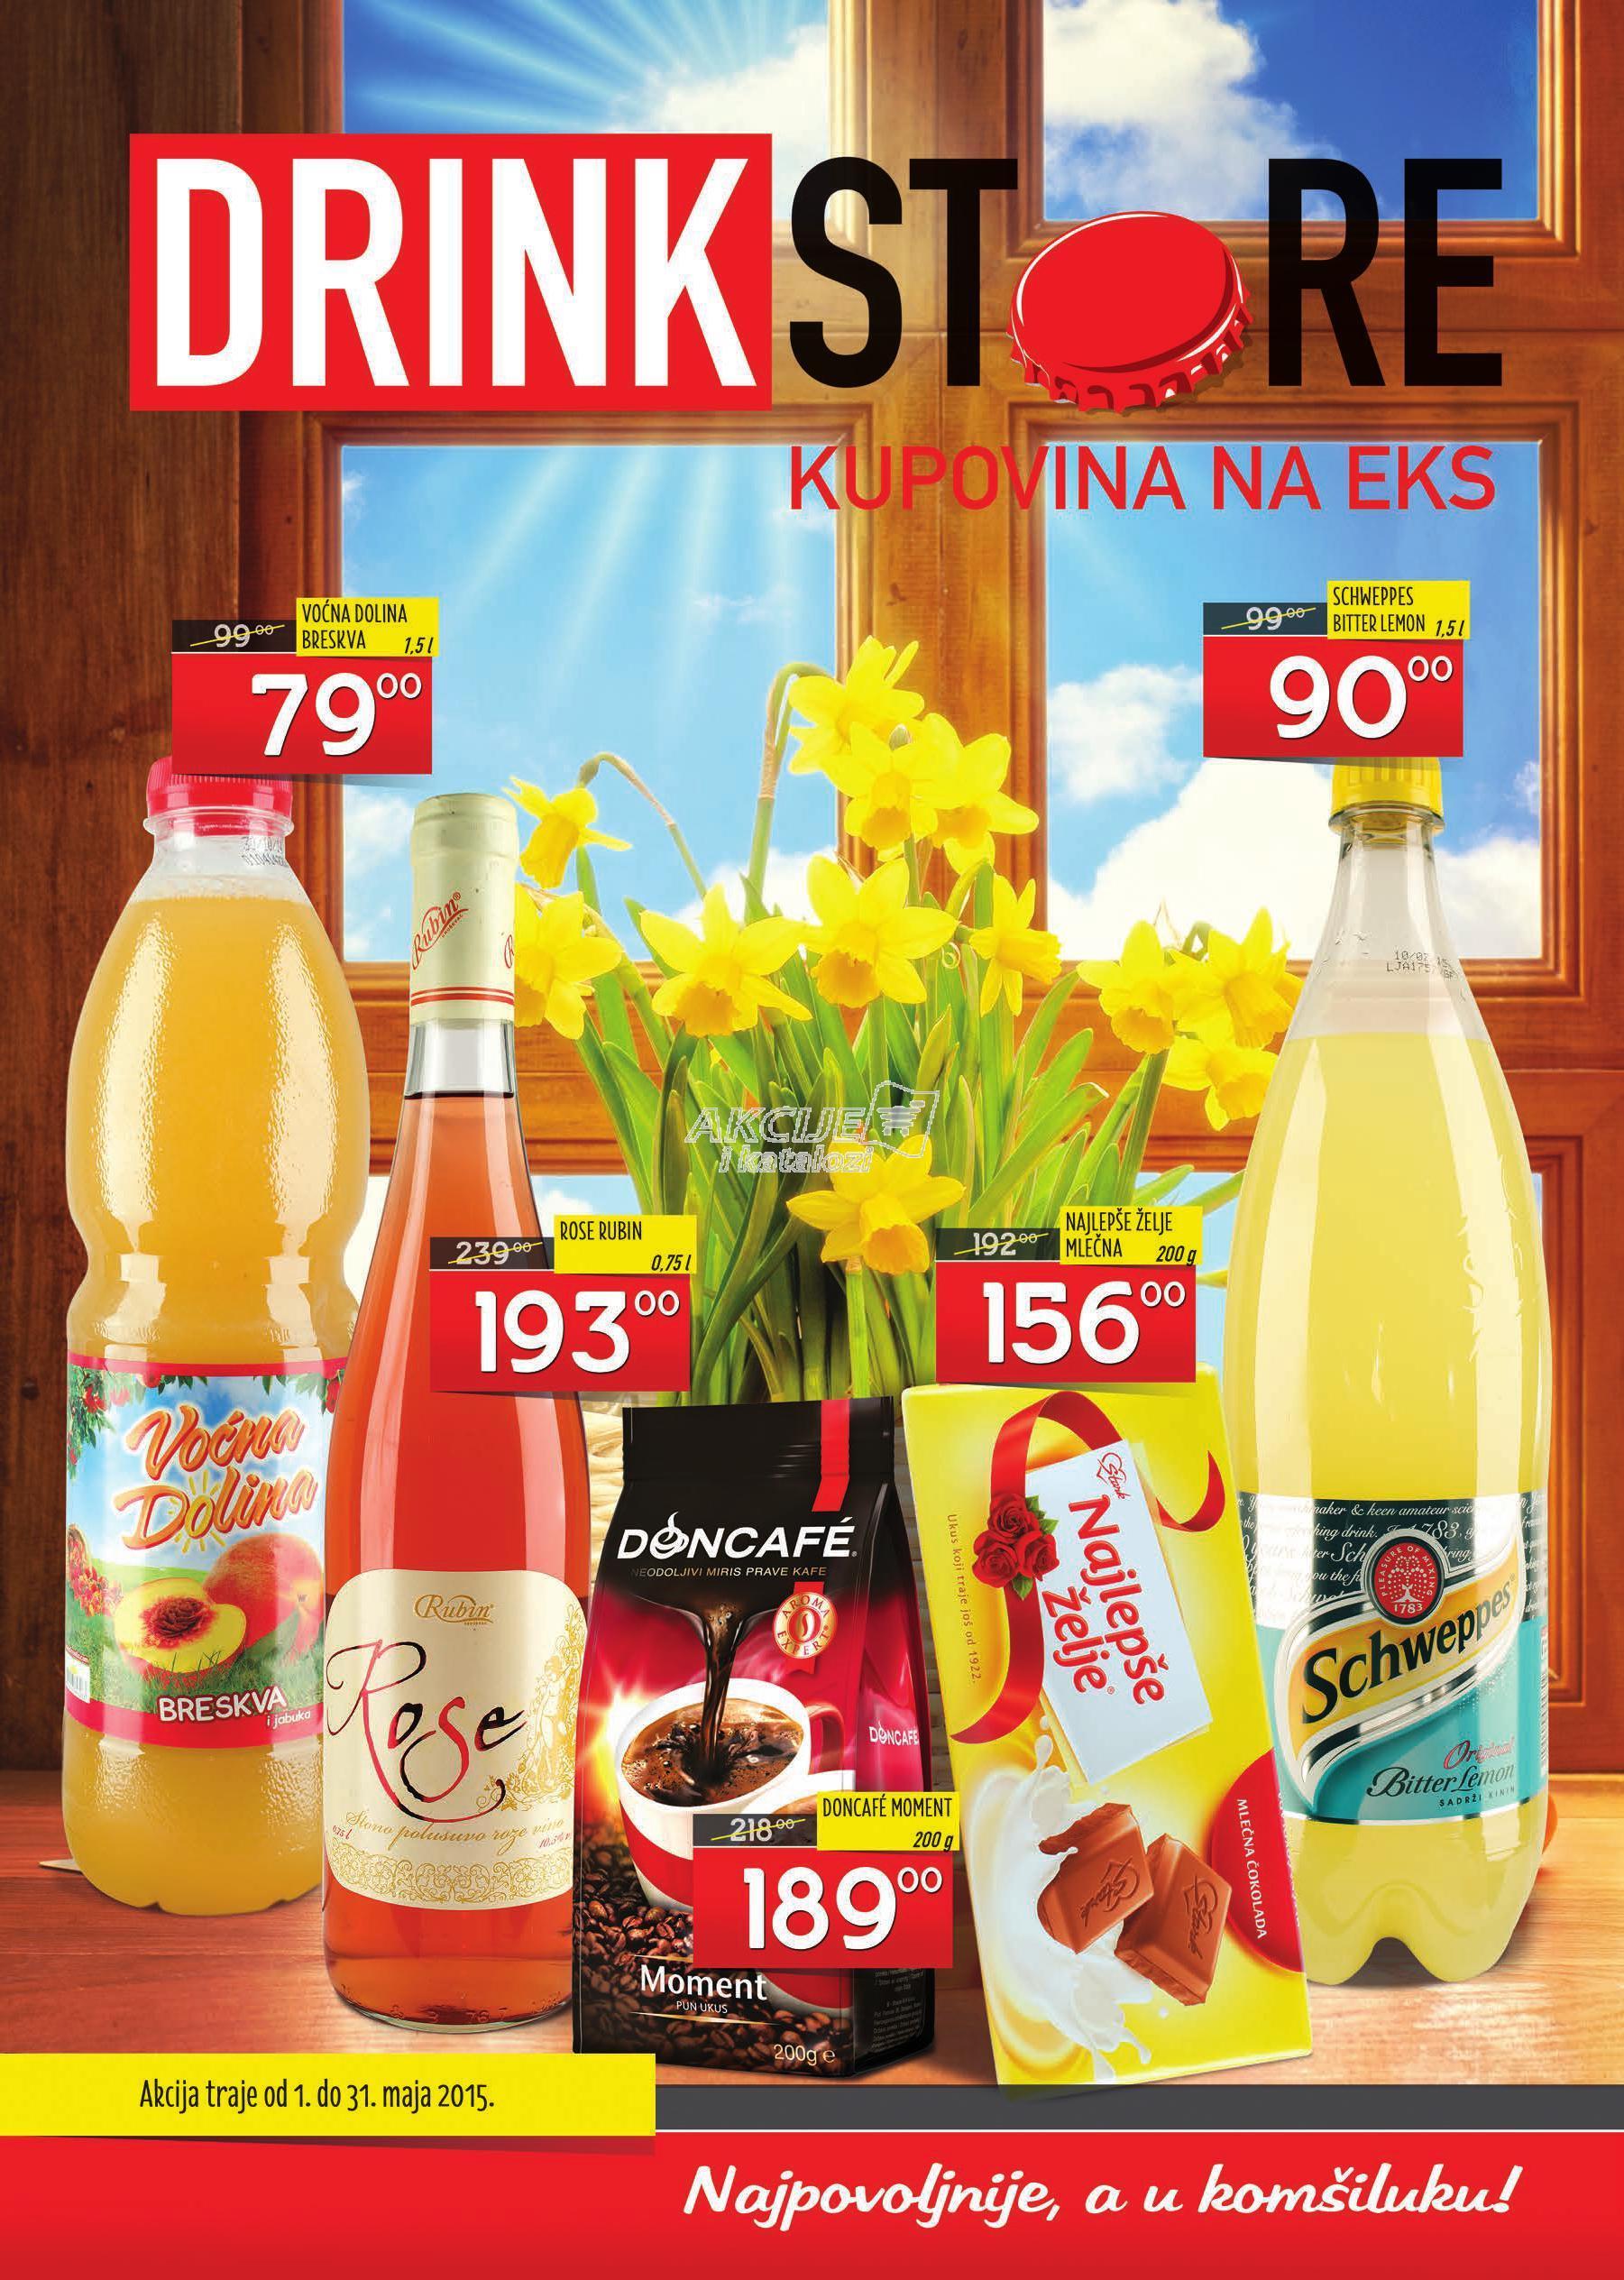 Drink Store akcija majske ponude